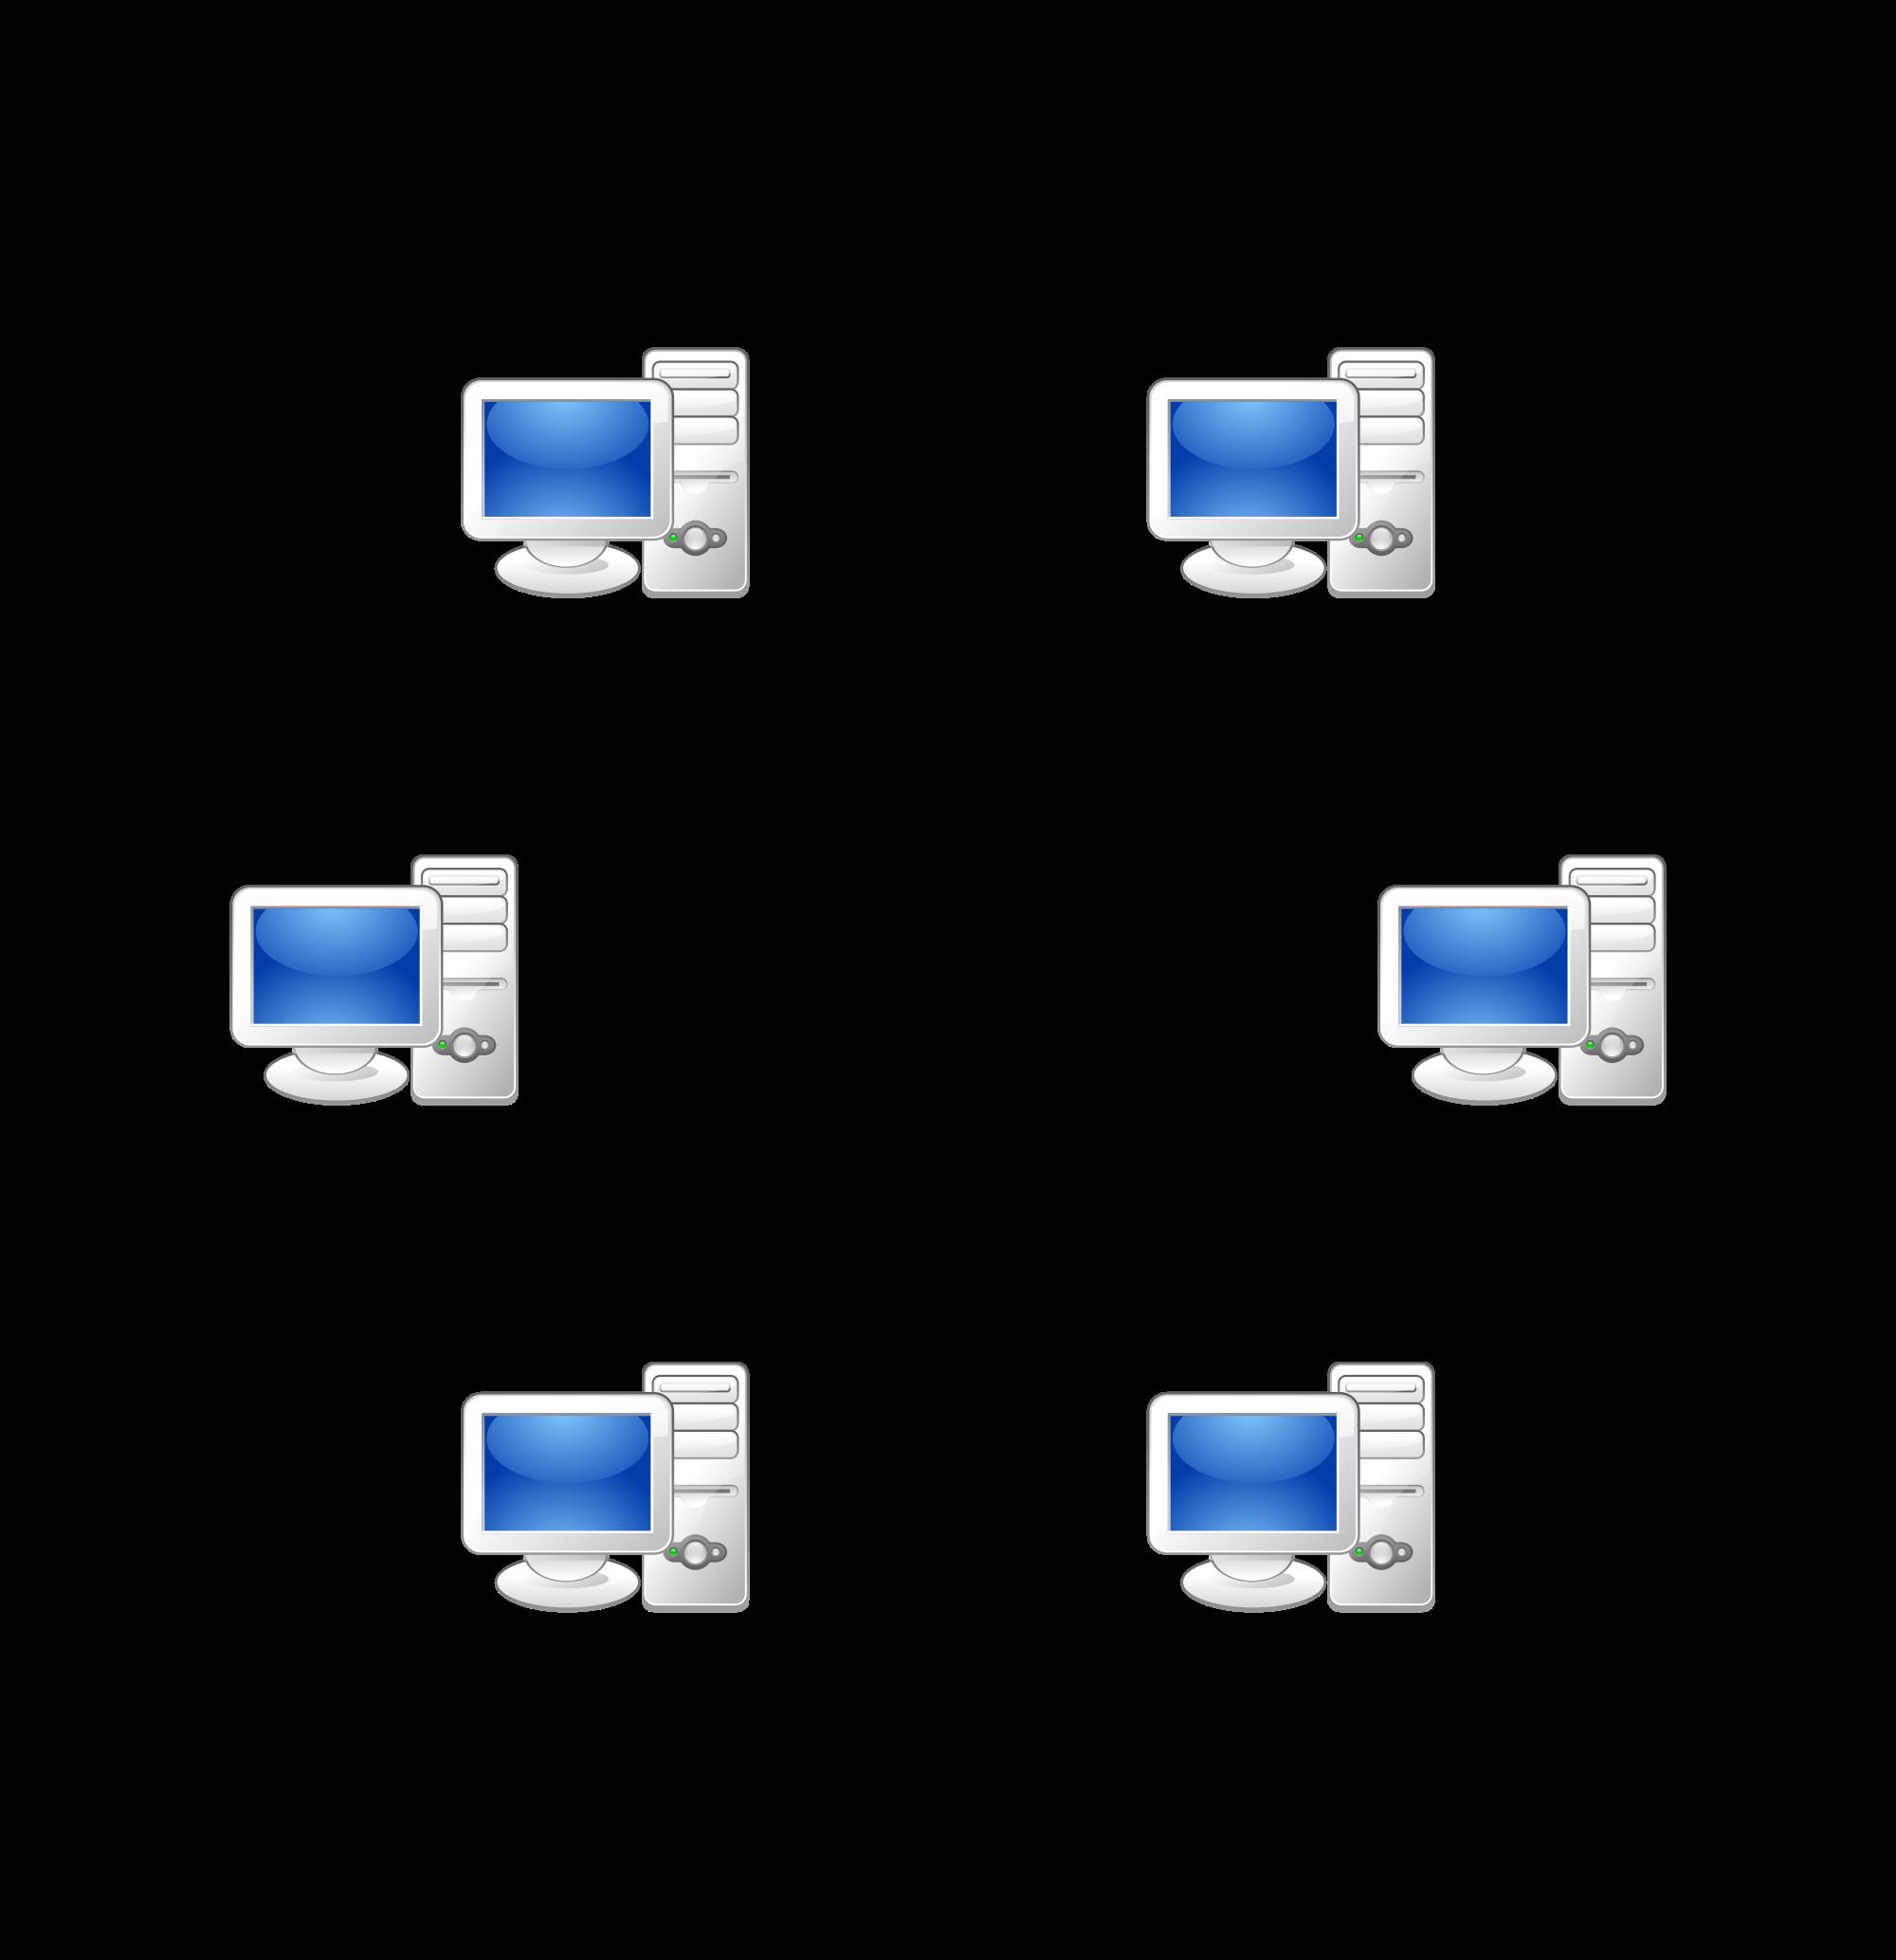 Network Diagram Clip Art.